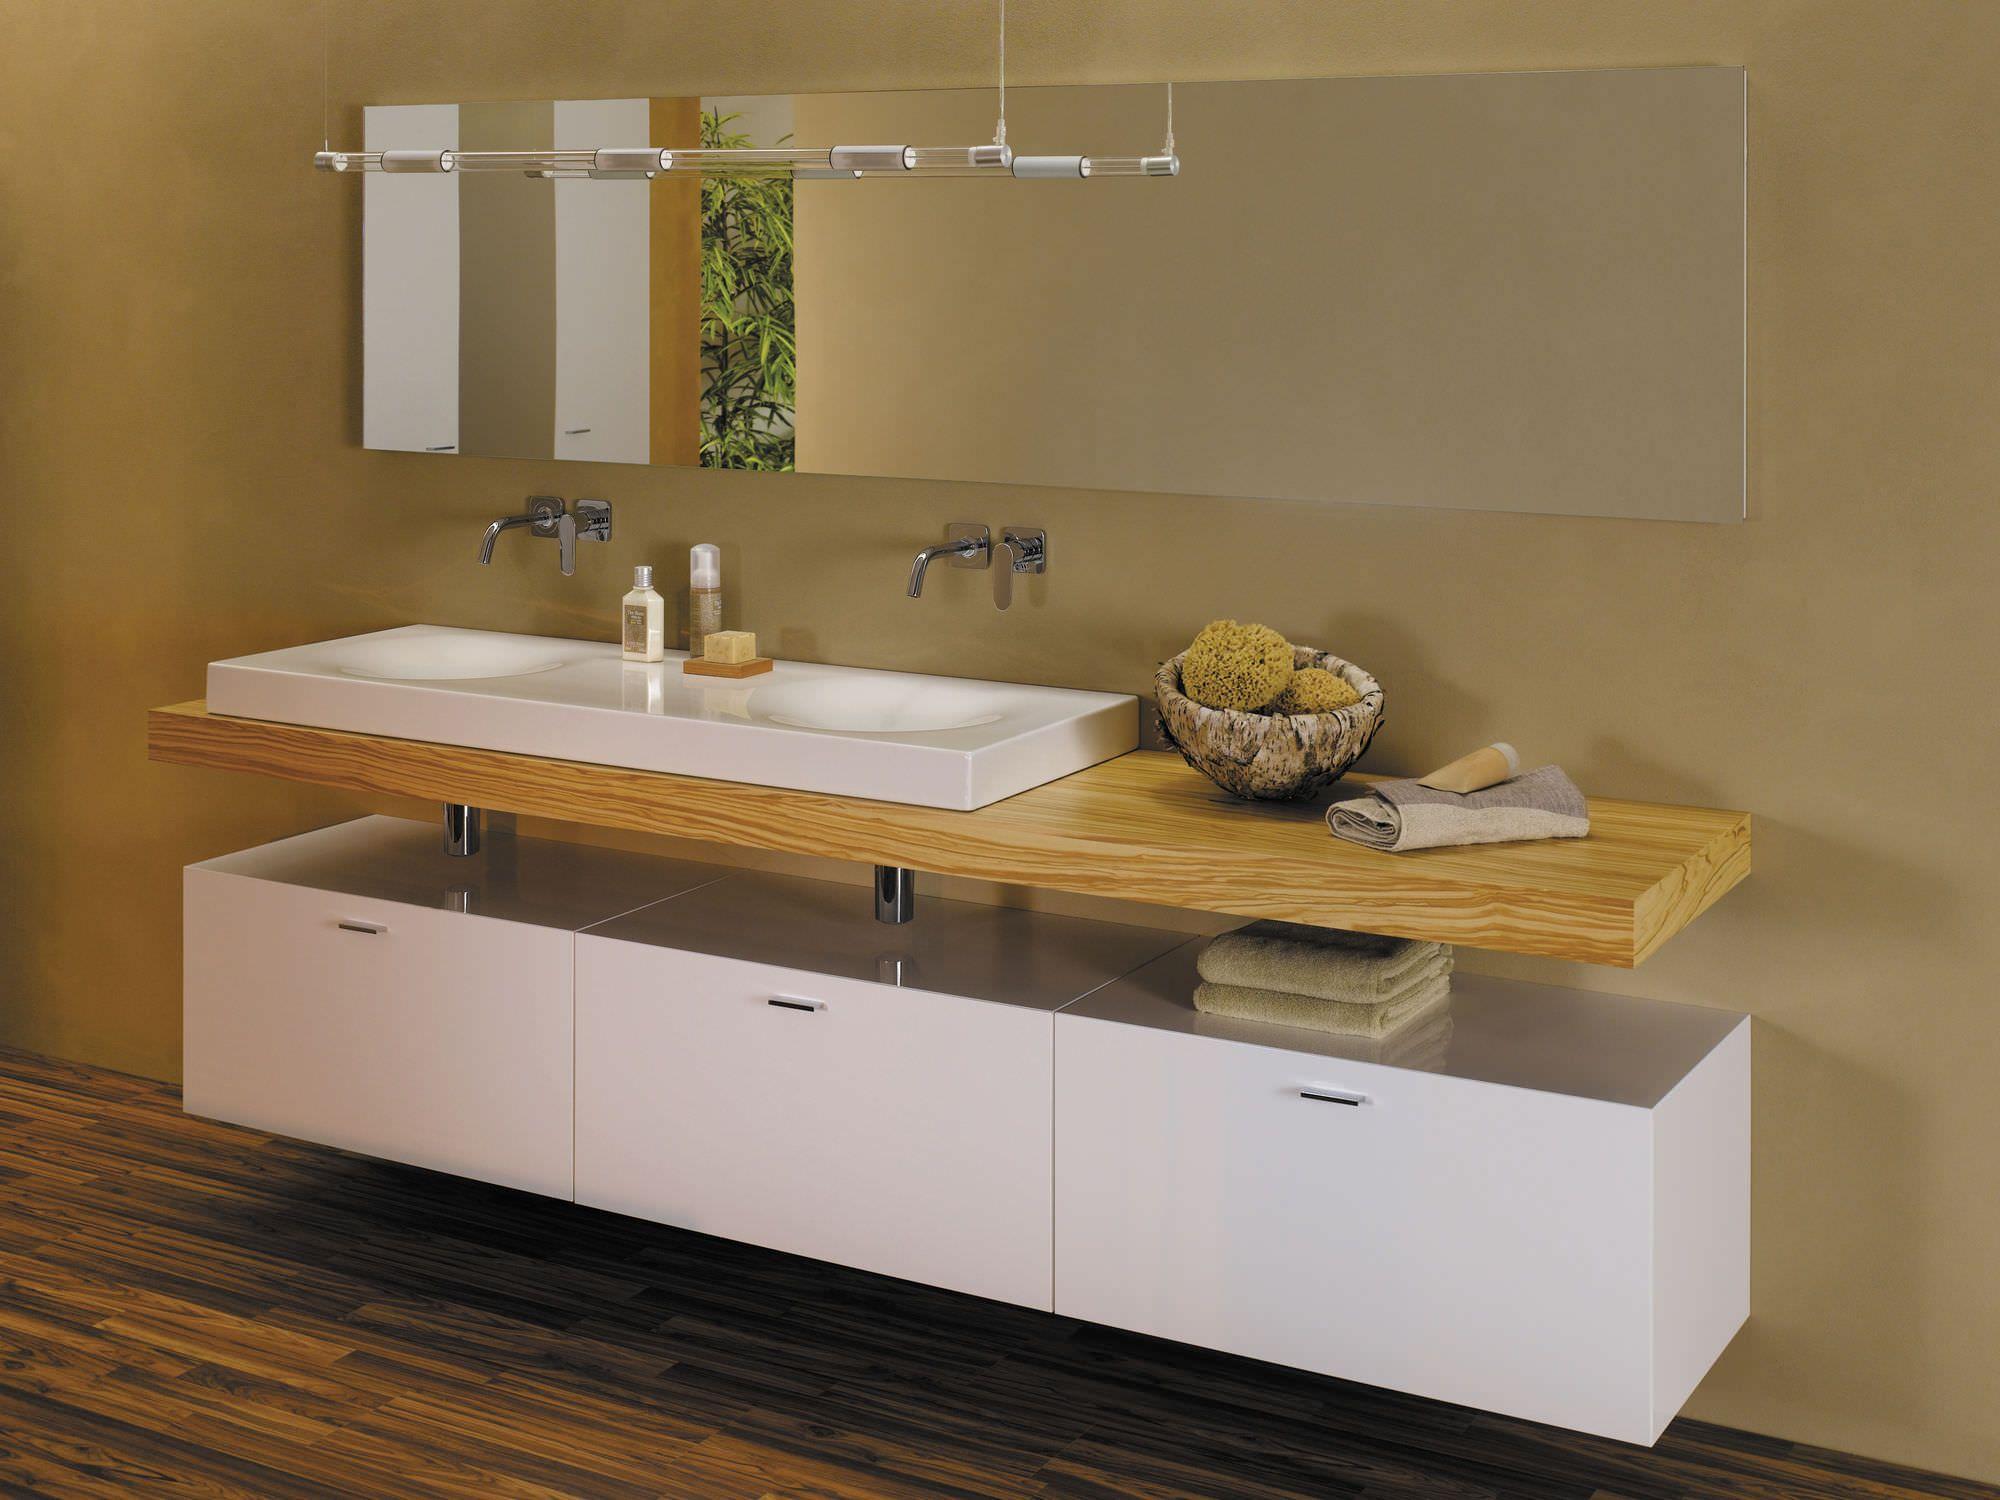 Badezimmermöbel holz modern  Die besten 25+ Unterschrank für aufsatzwaschbecken Ideen auf ...